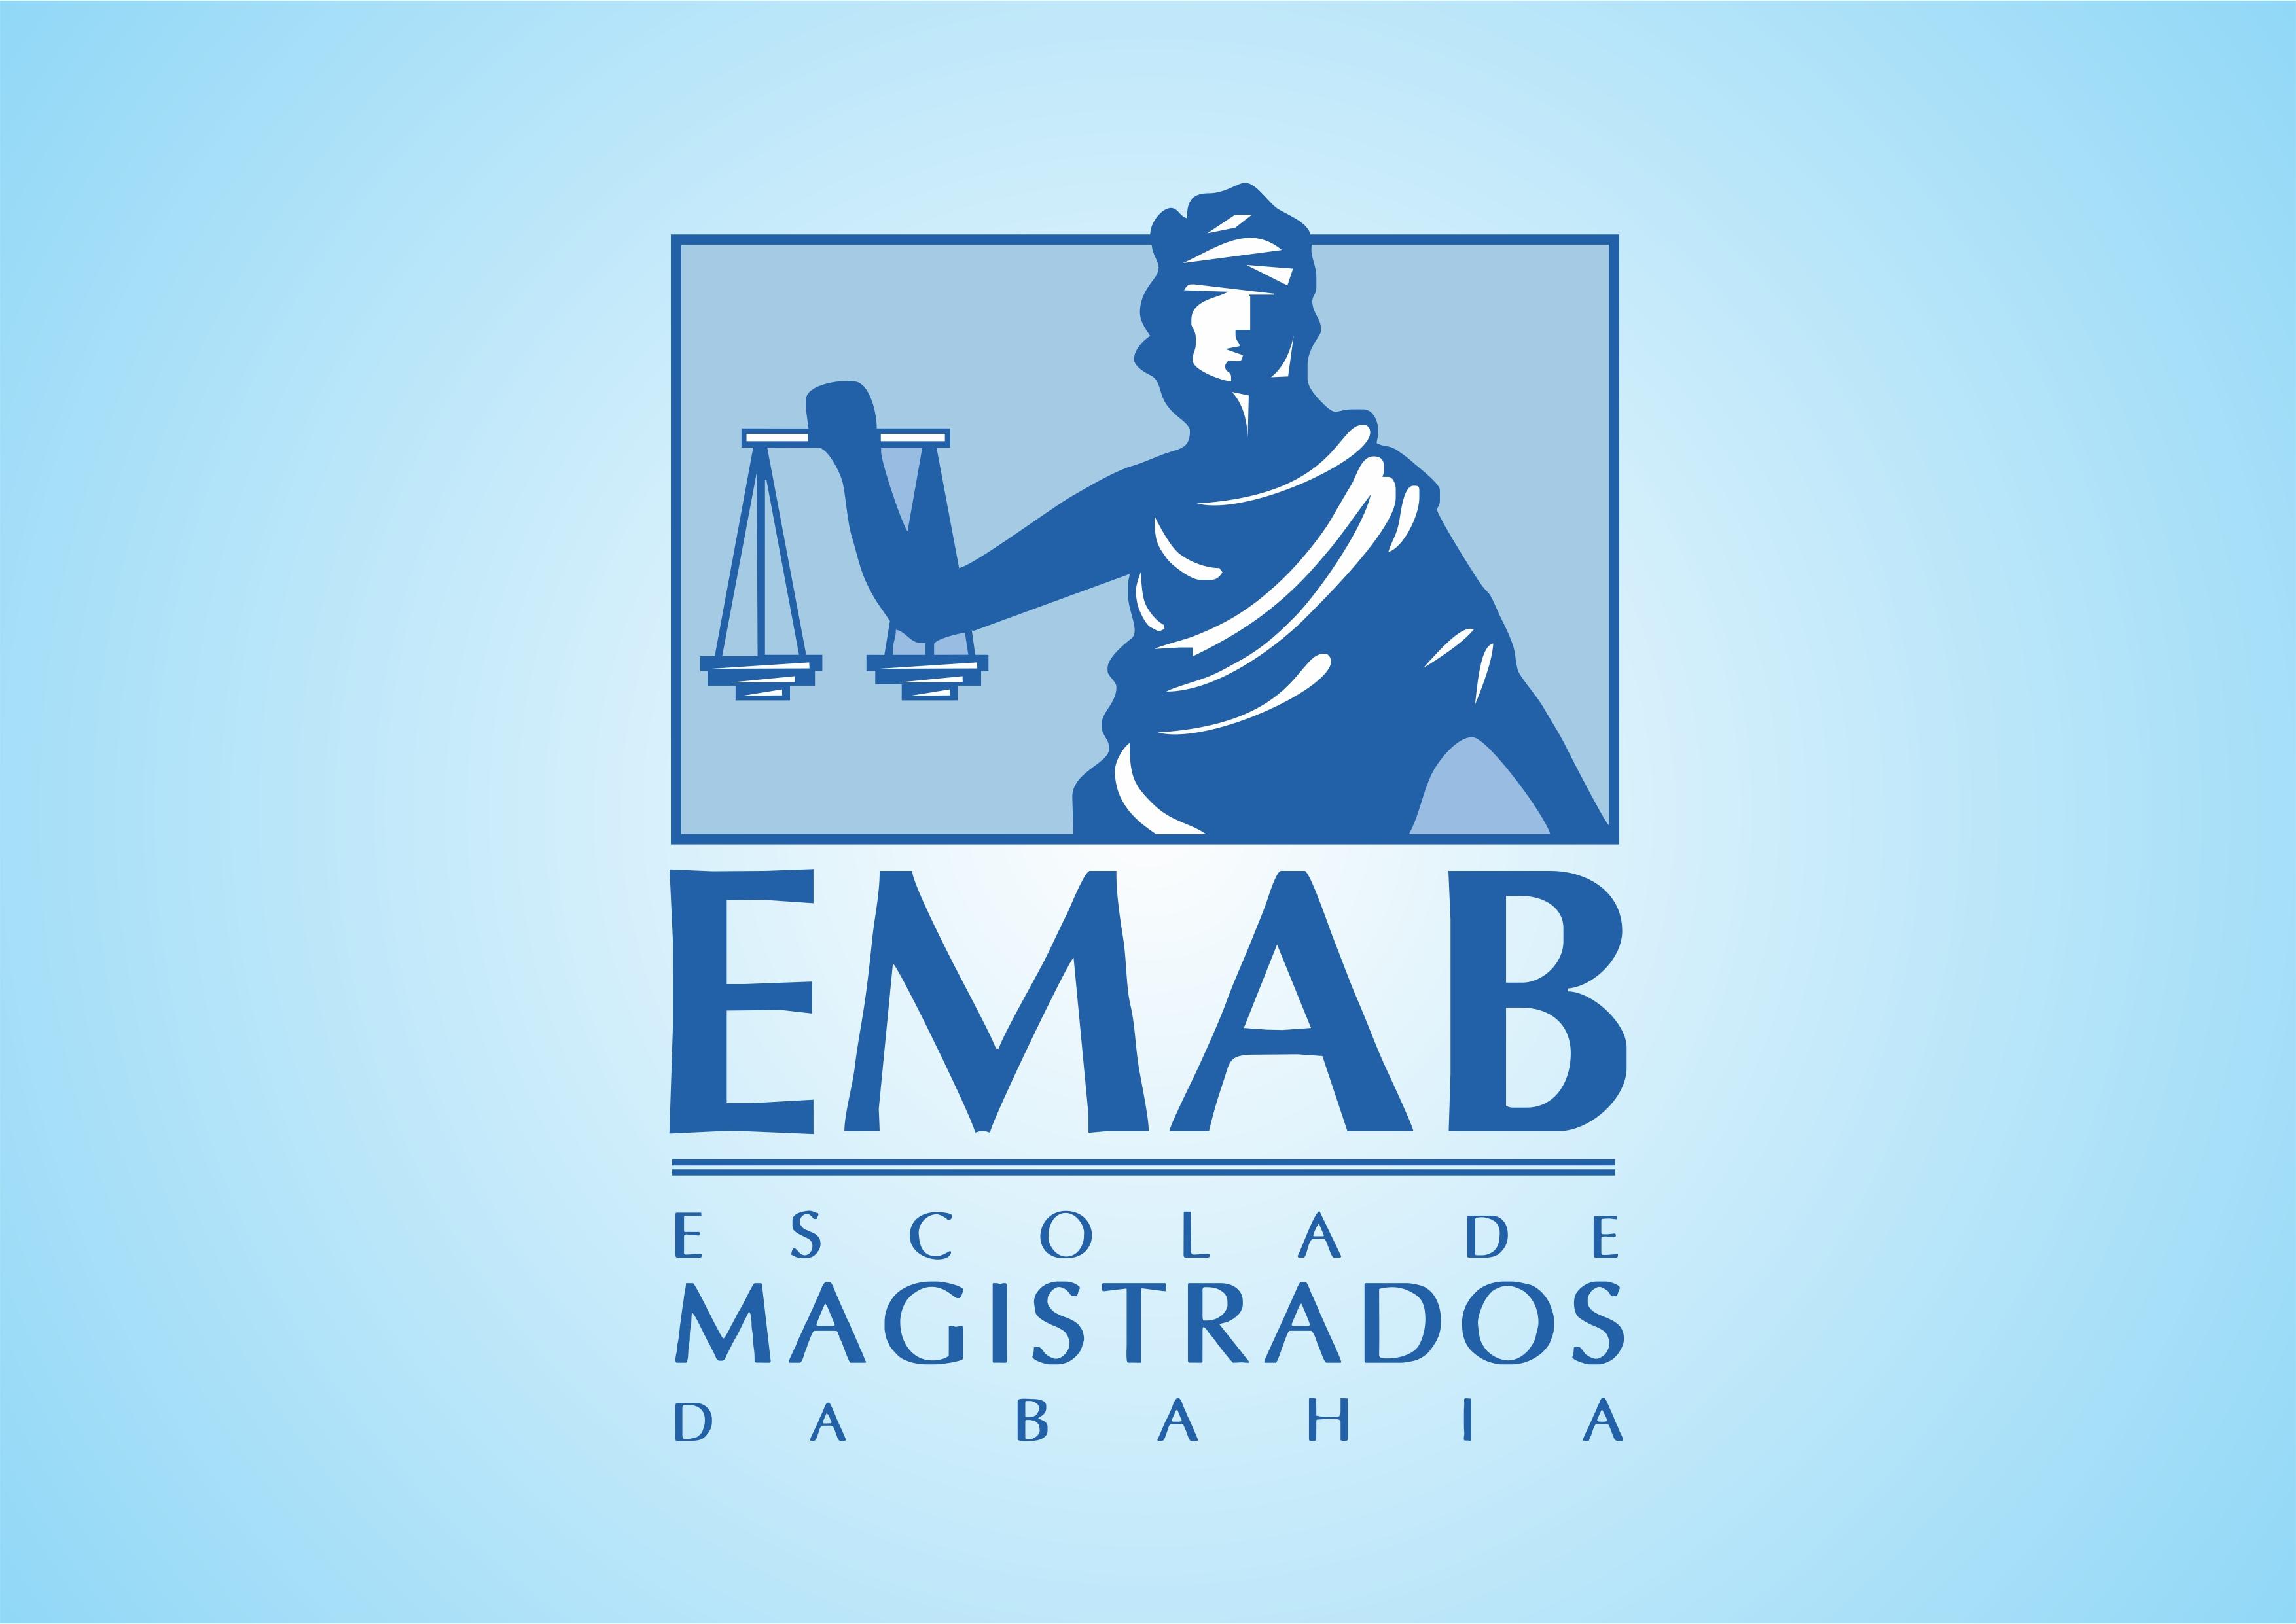 emab A PANDEMIA IMPÕE MUDANÇA NA DIRETORIA DA ESCOLA DE MAGISTRADOS DA BAHIA